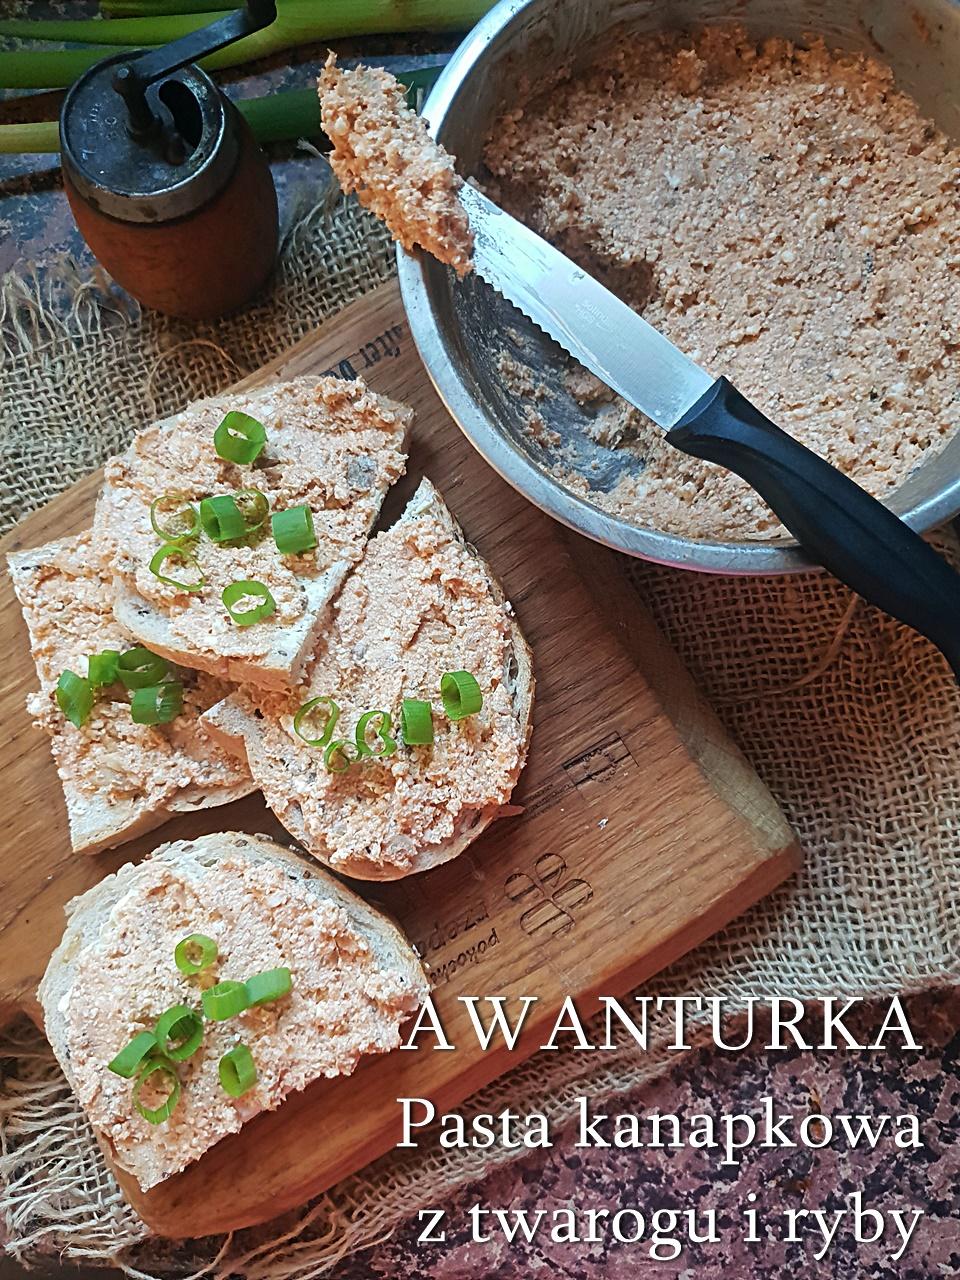 Awanturka